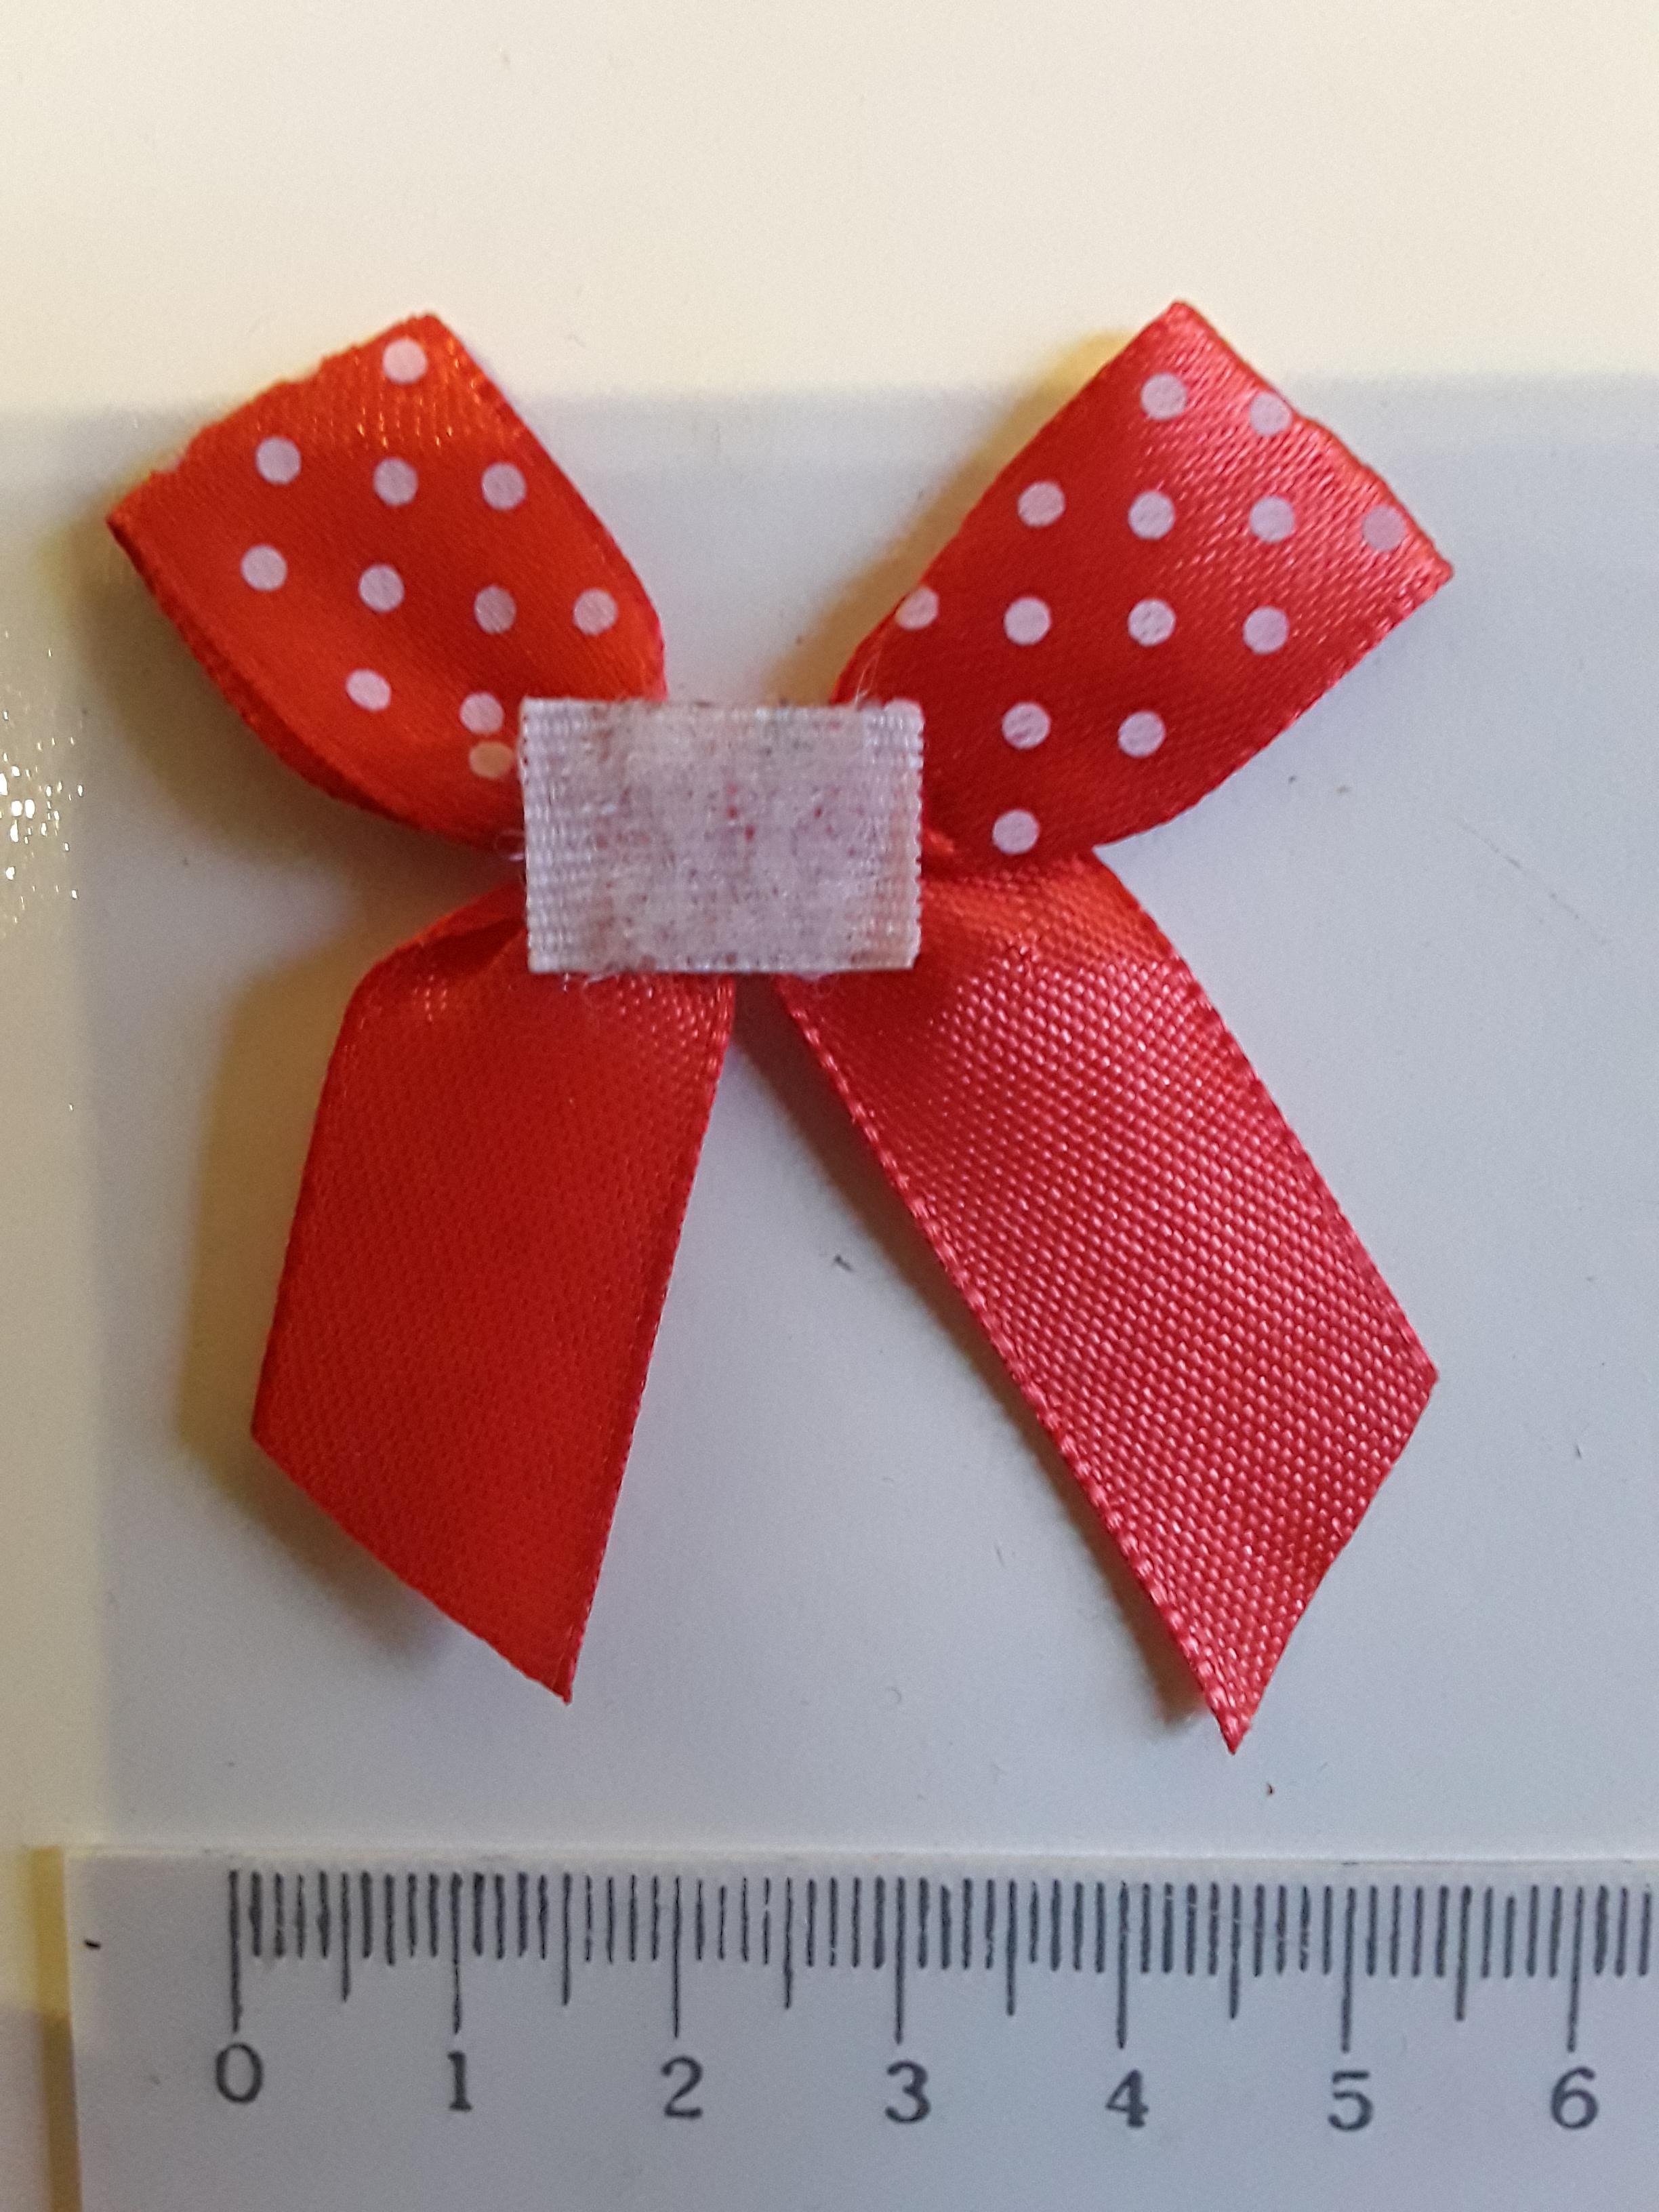 troc de troc petit noeud rouge en tissu image 1